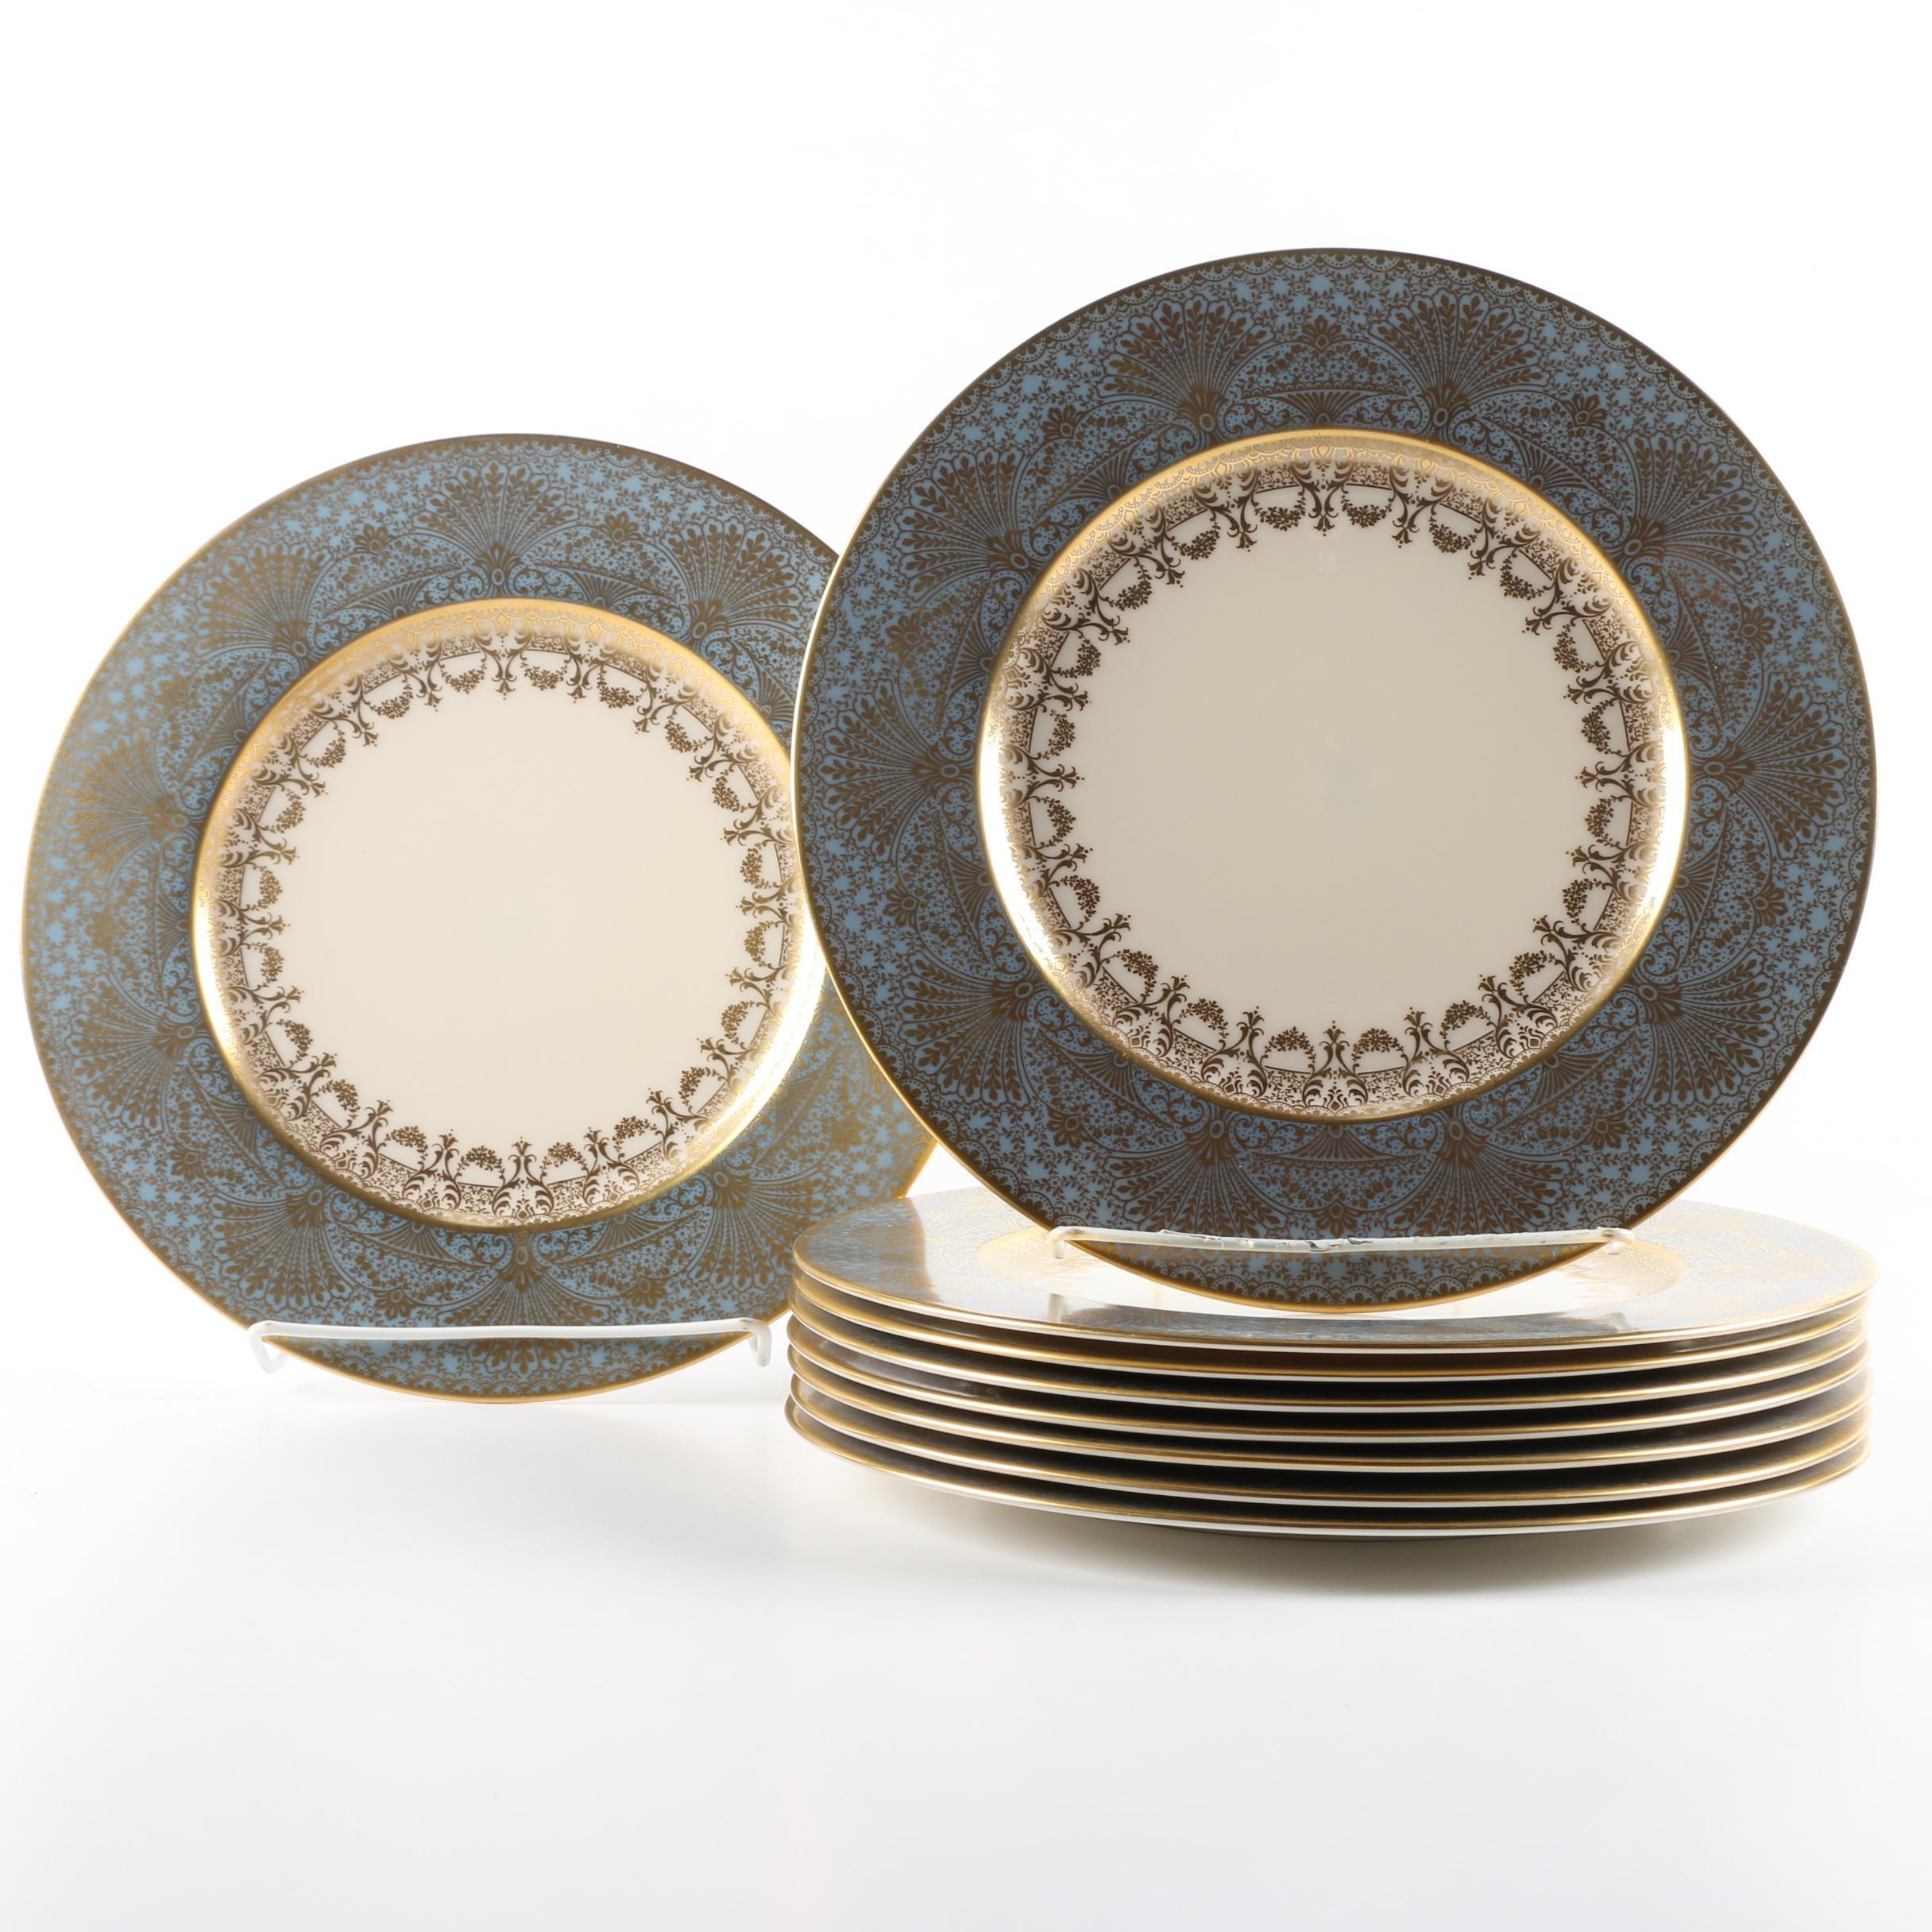 Lenox Porcelain Plates